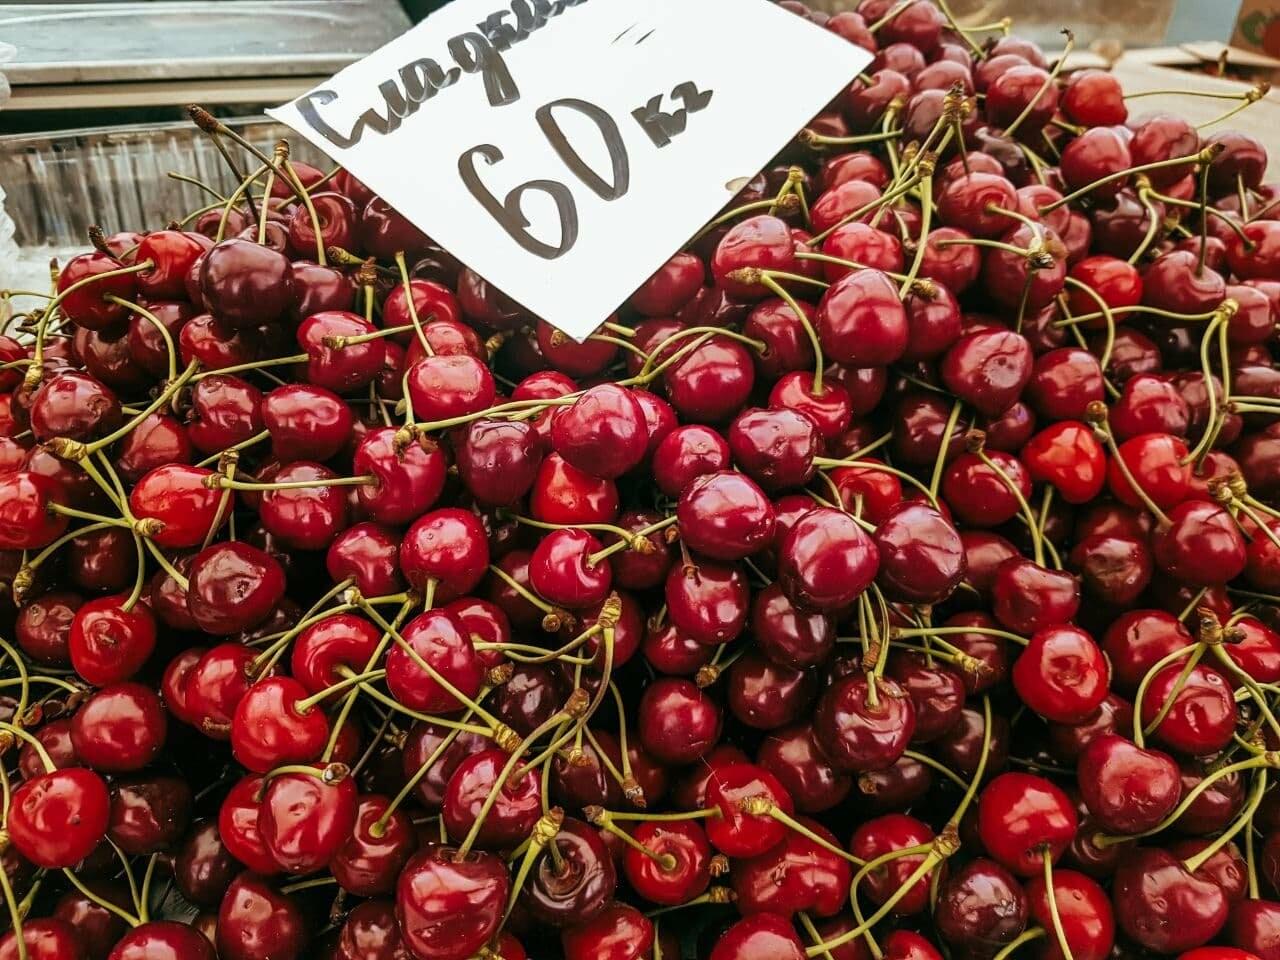 Рыночный день: по чём в Бердянске сезонные овощи, фрукты и ягоды (ЦЕНЫ), фото-2